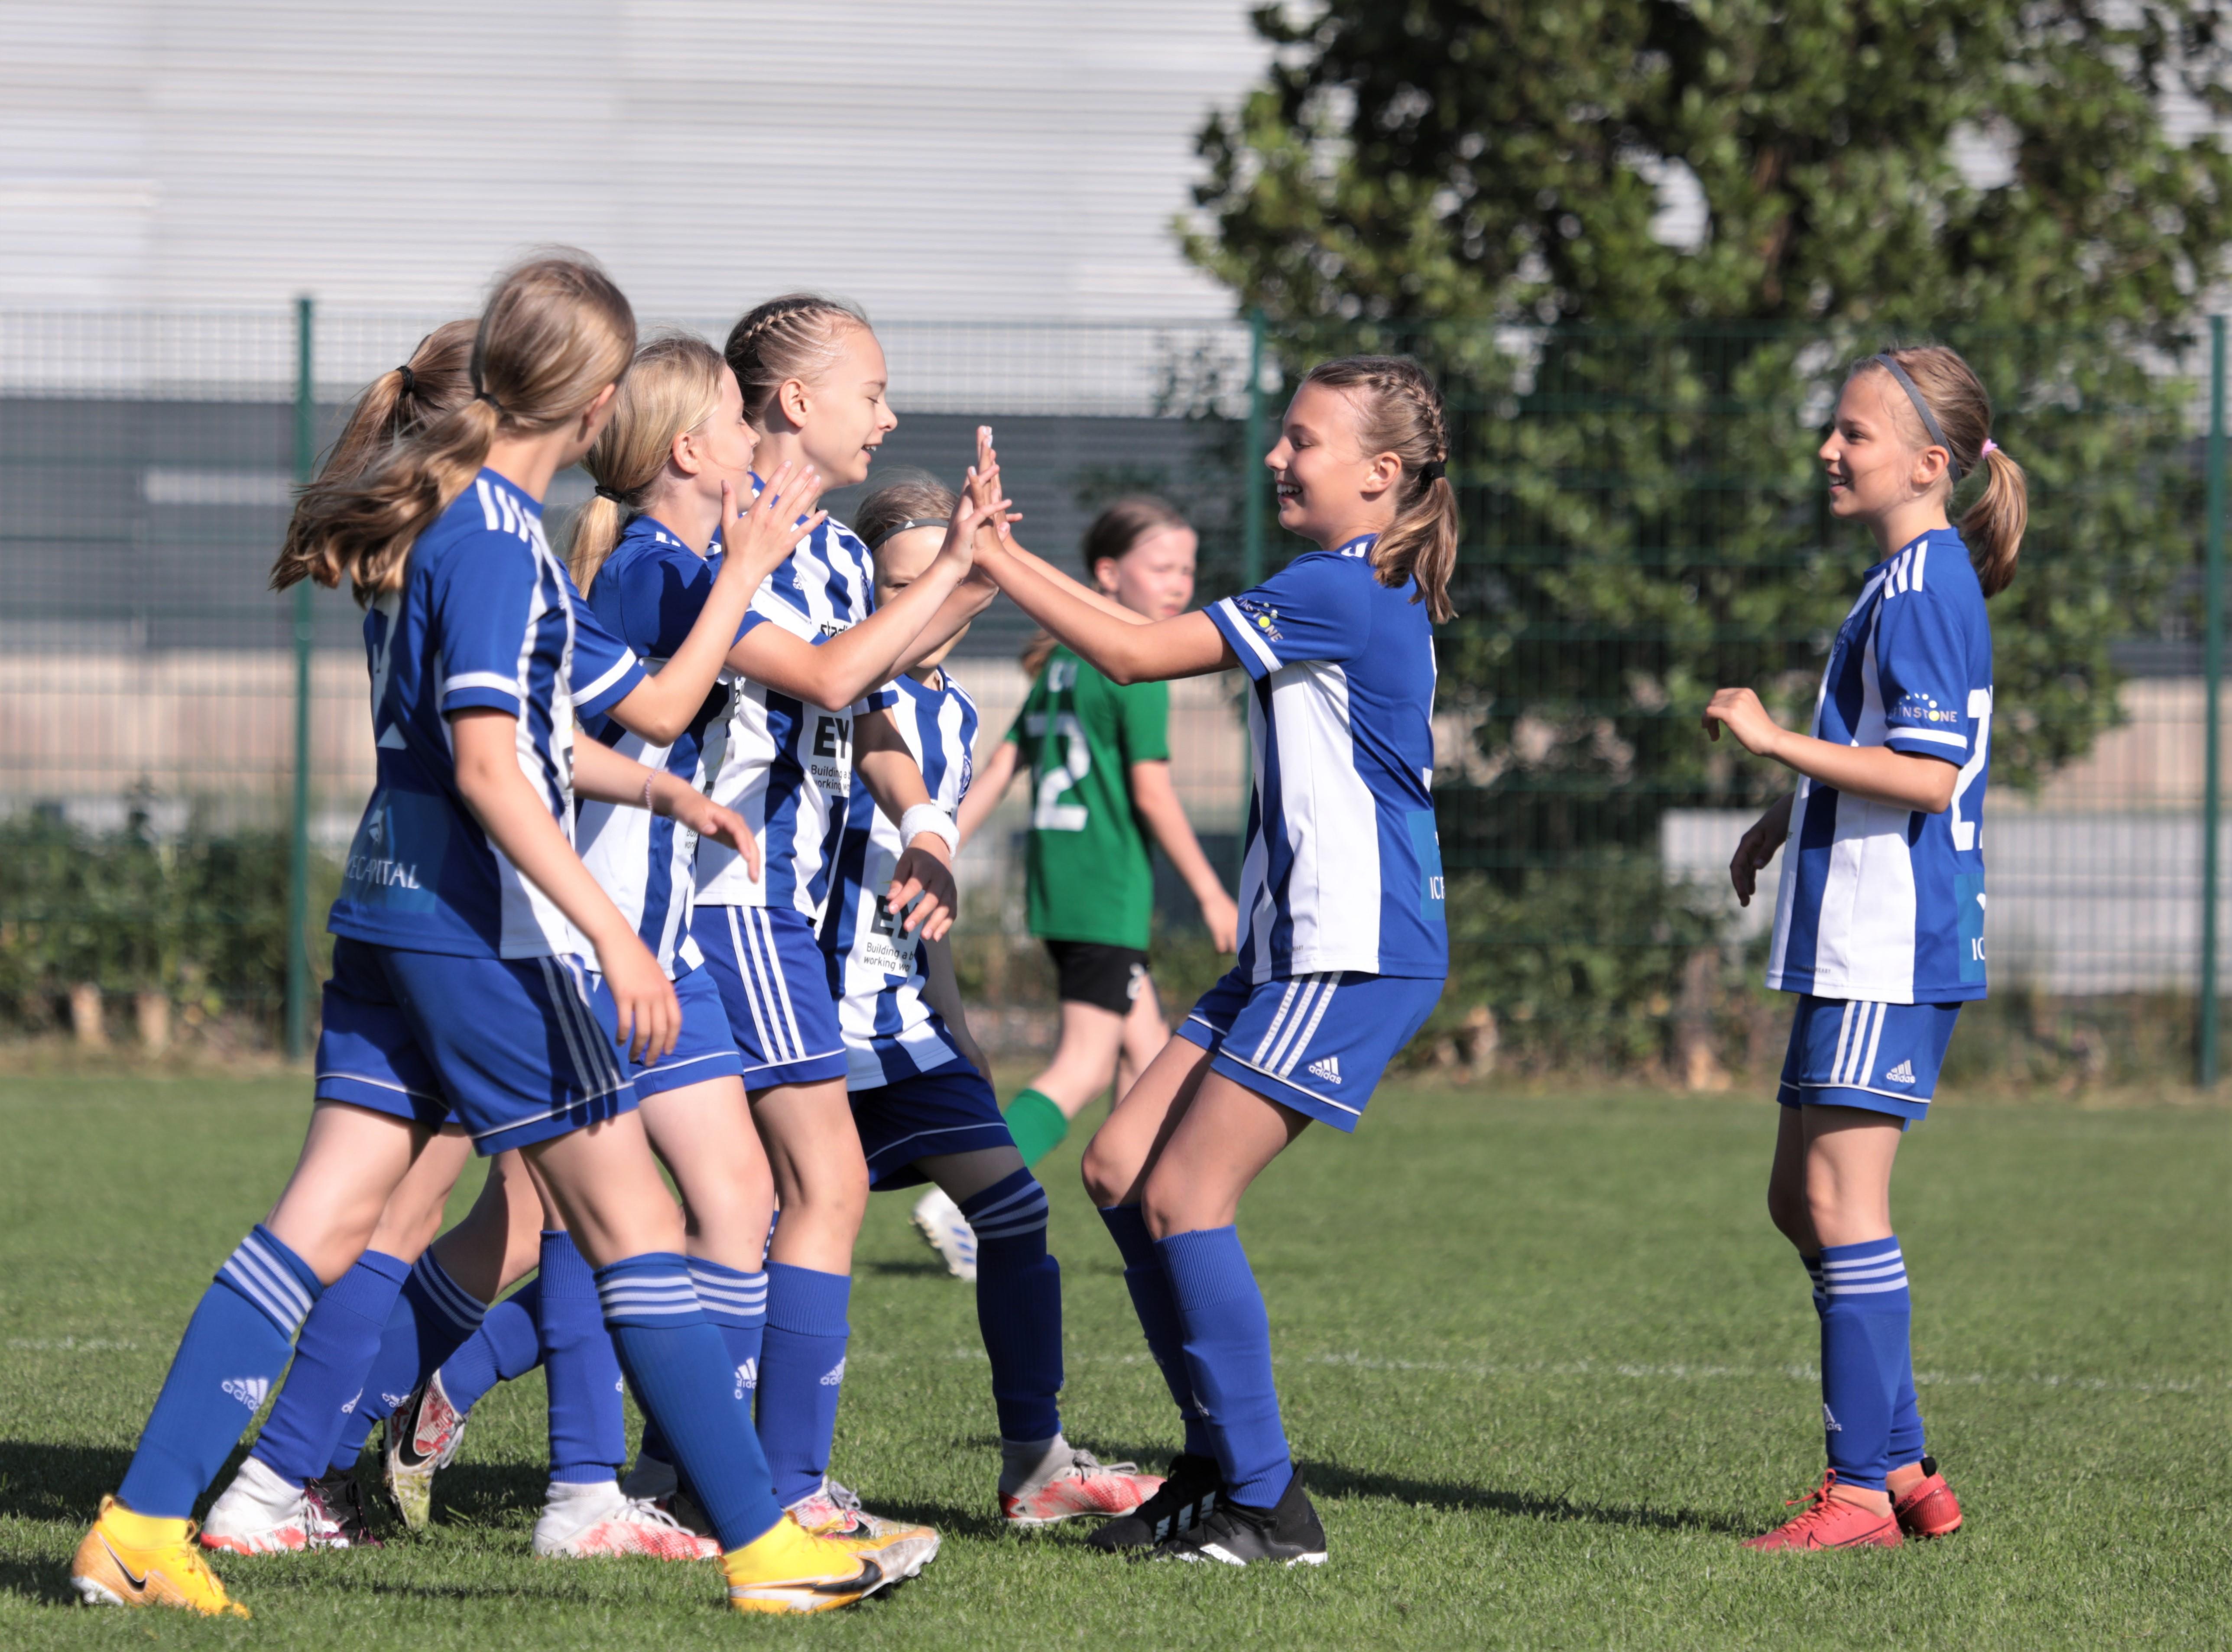 Oppia kentälle ja elämään – hyvinvointitaidot urheilussa